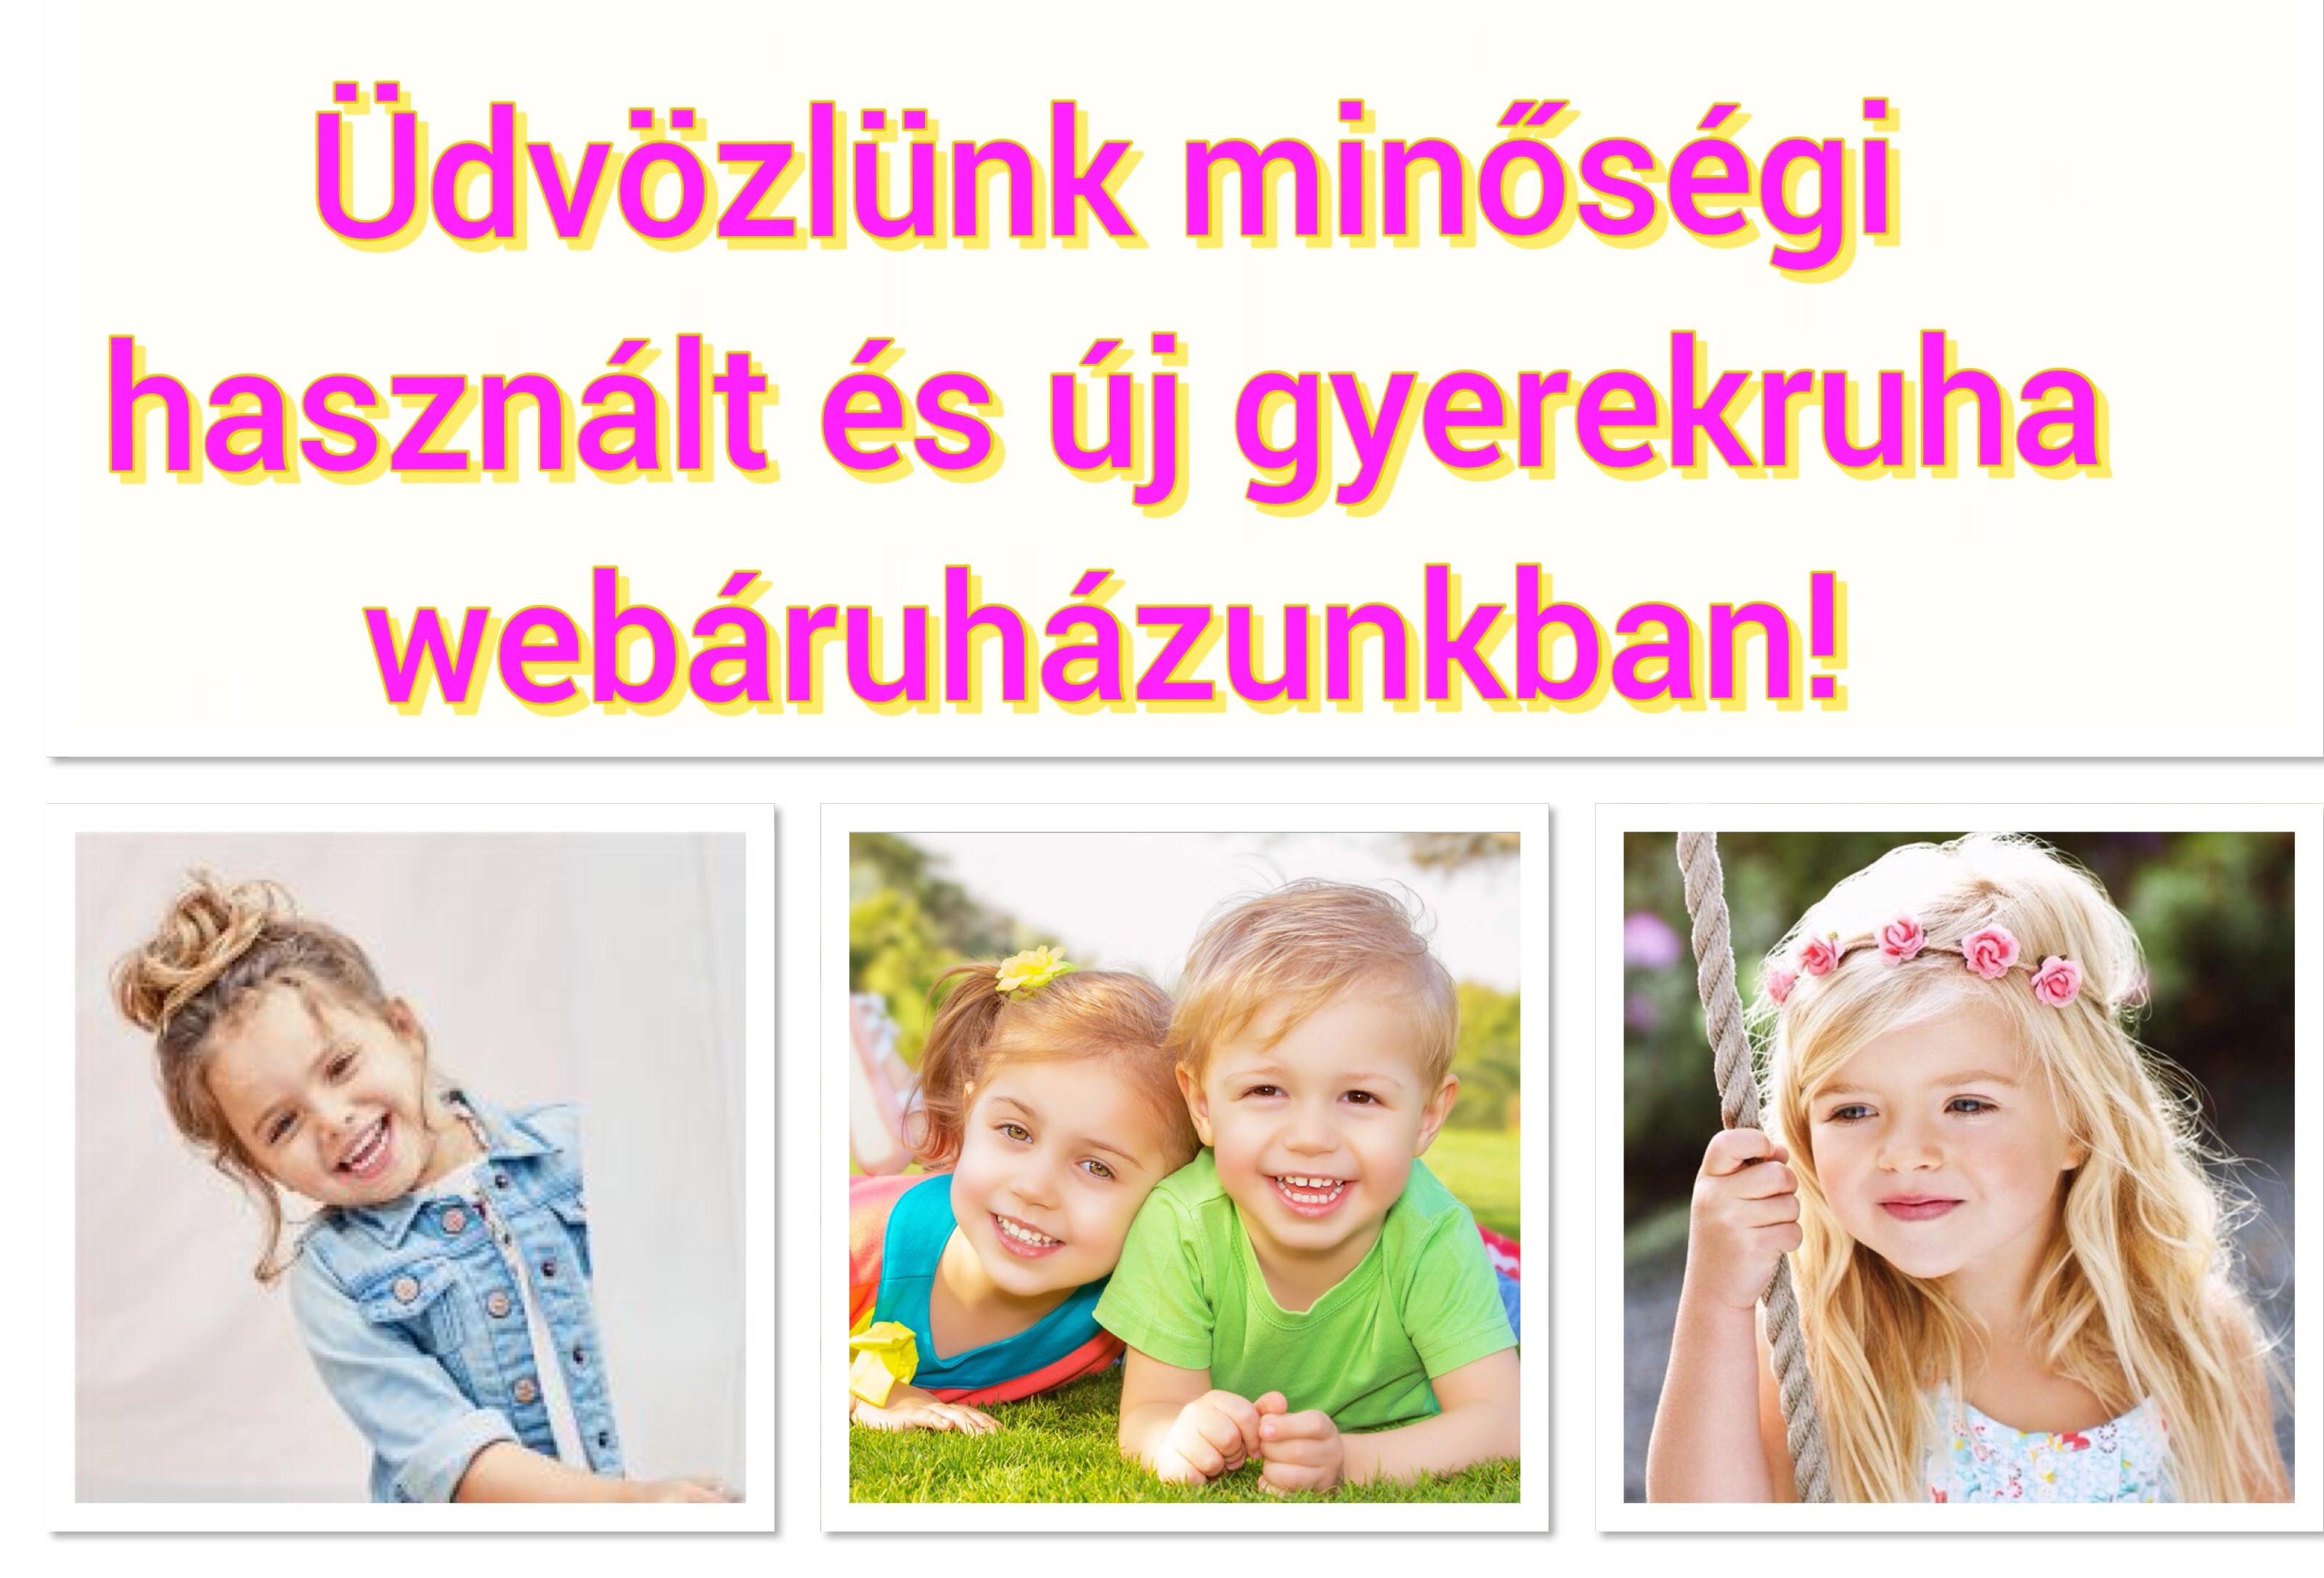 7a9e6bb36d Kölyökshop - Minőségi használt és új gyerekruha Webáruház, Babaruha  Webáruház